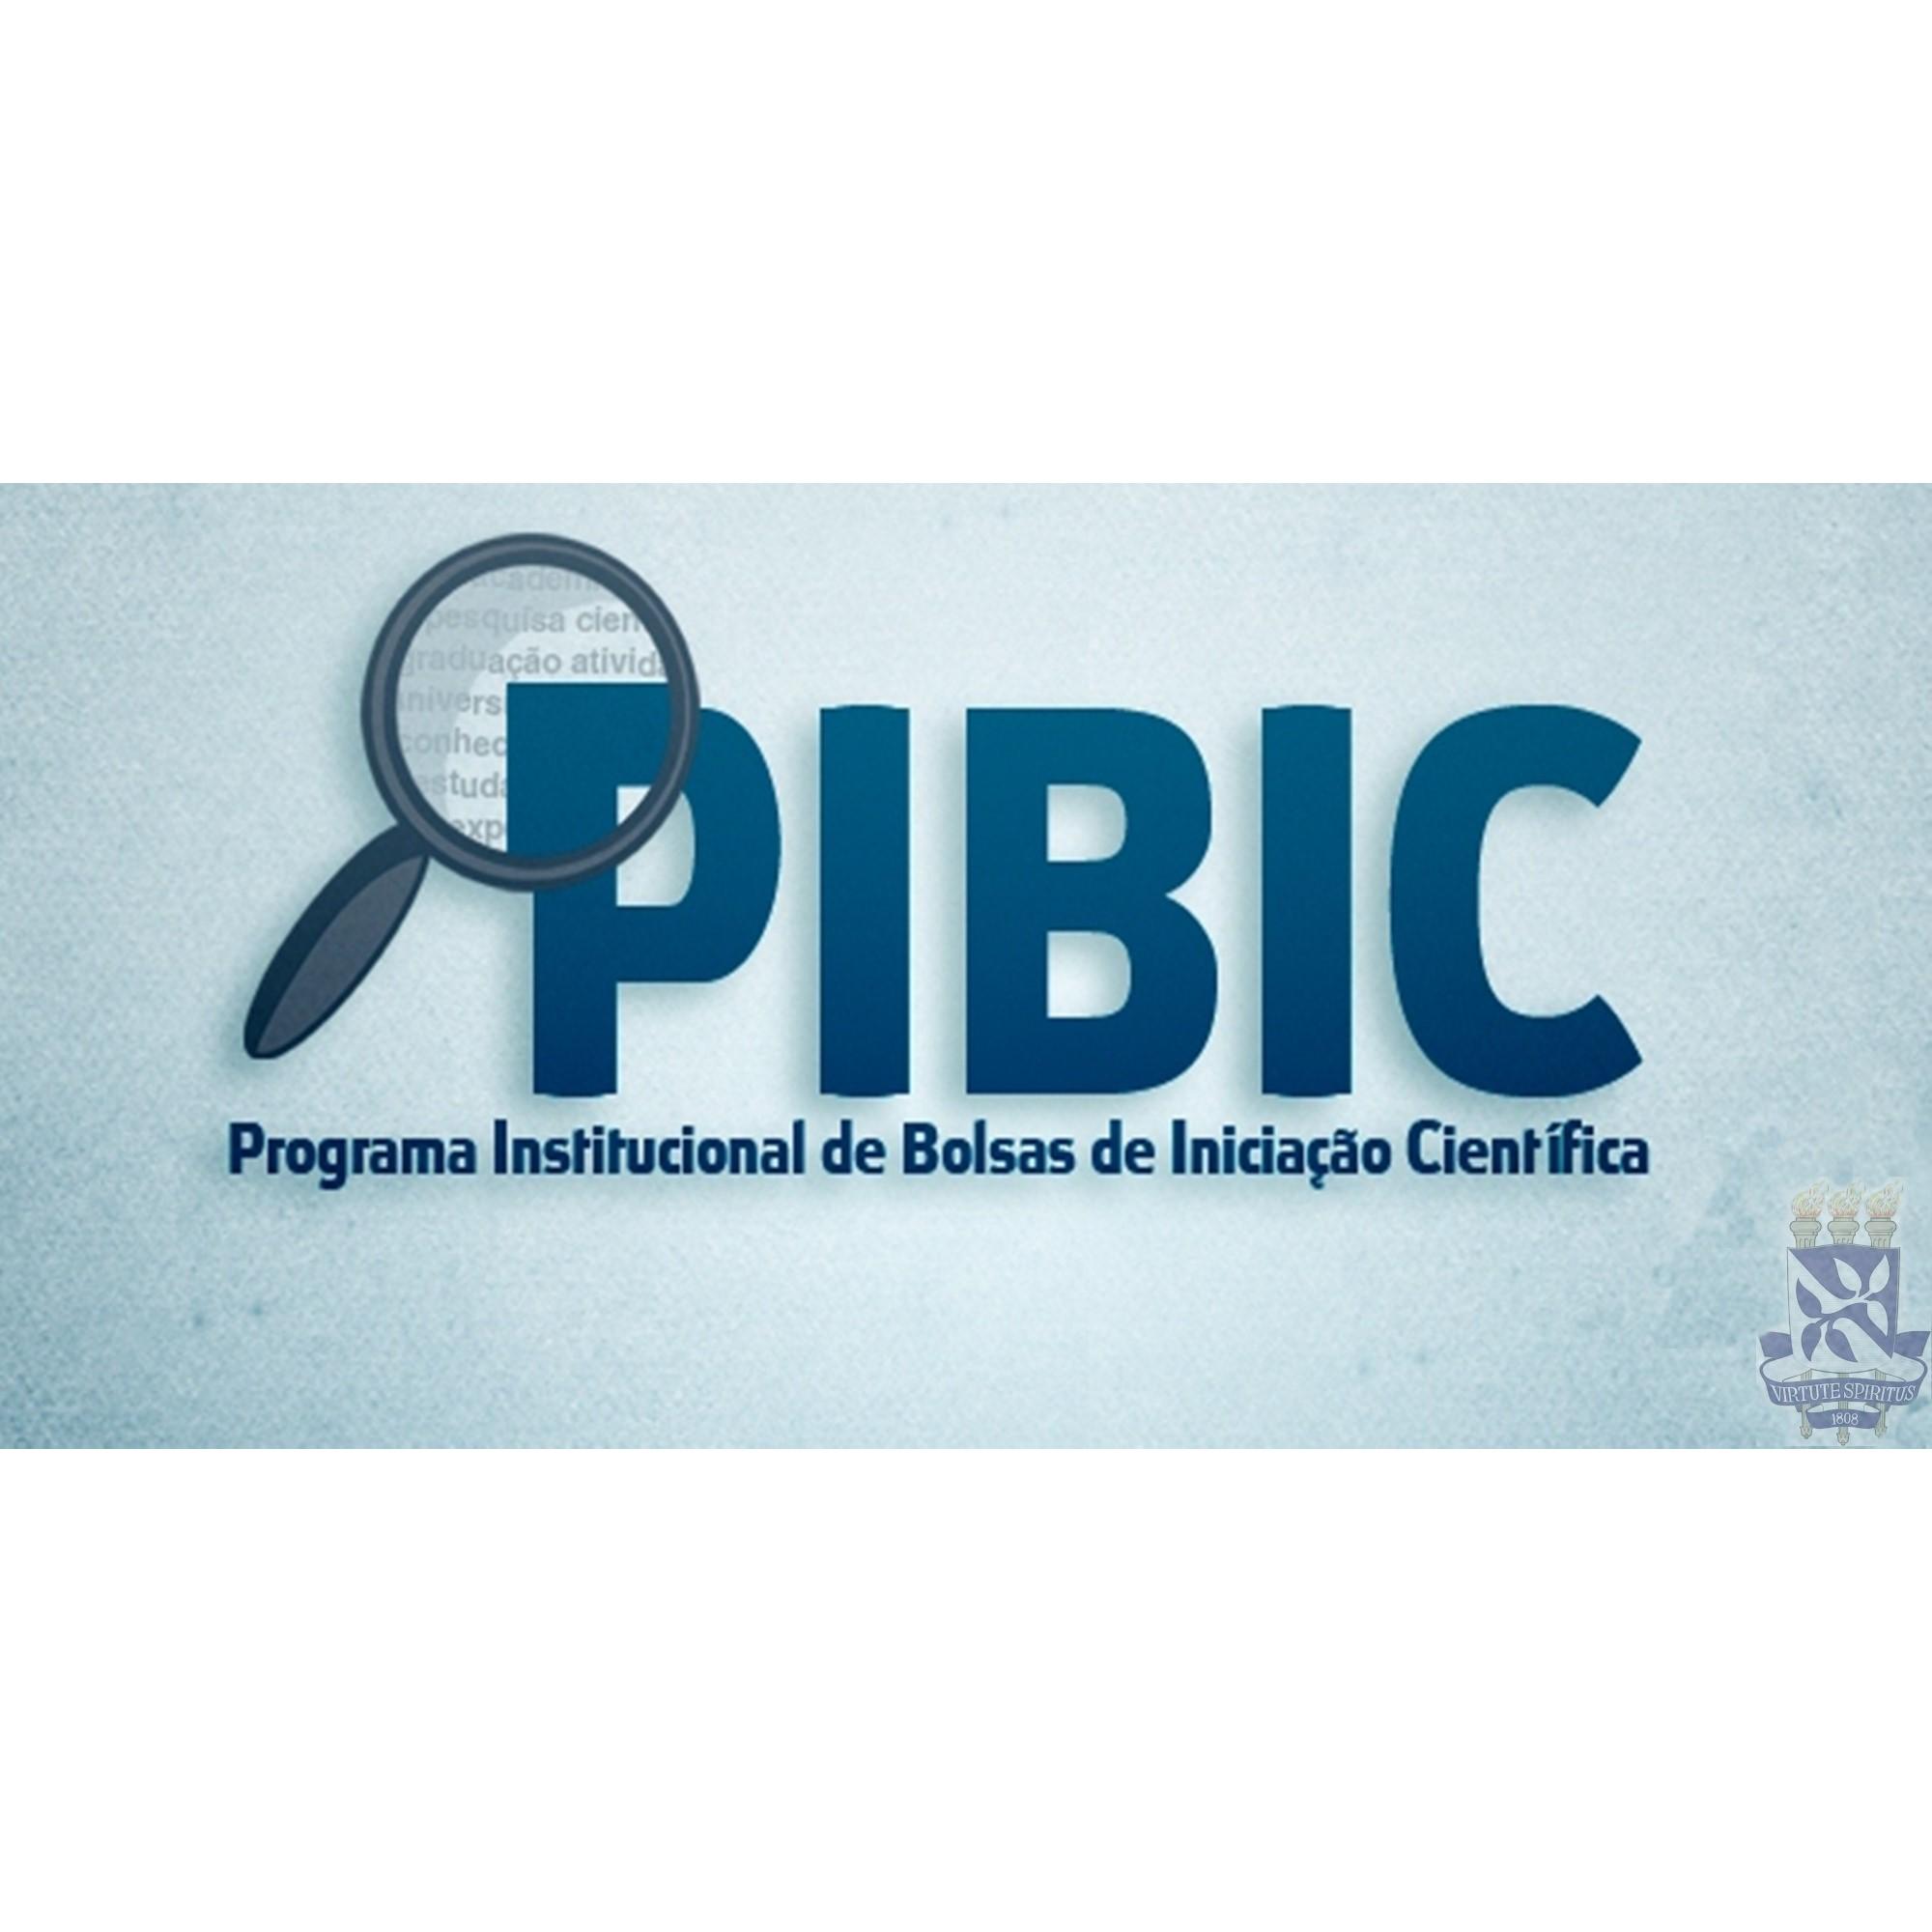 Grupo de Pesquisa Educação, Comunicação e Tecnologias realiza seleção para Bolsa PIBIC